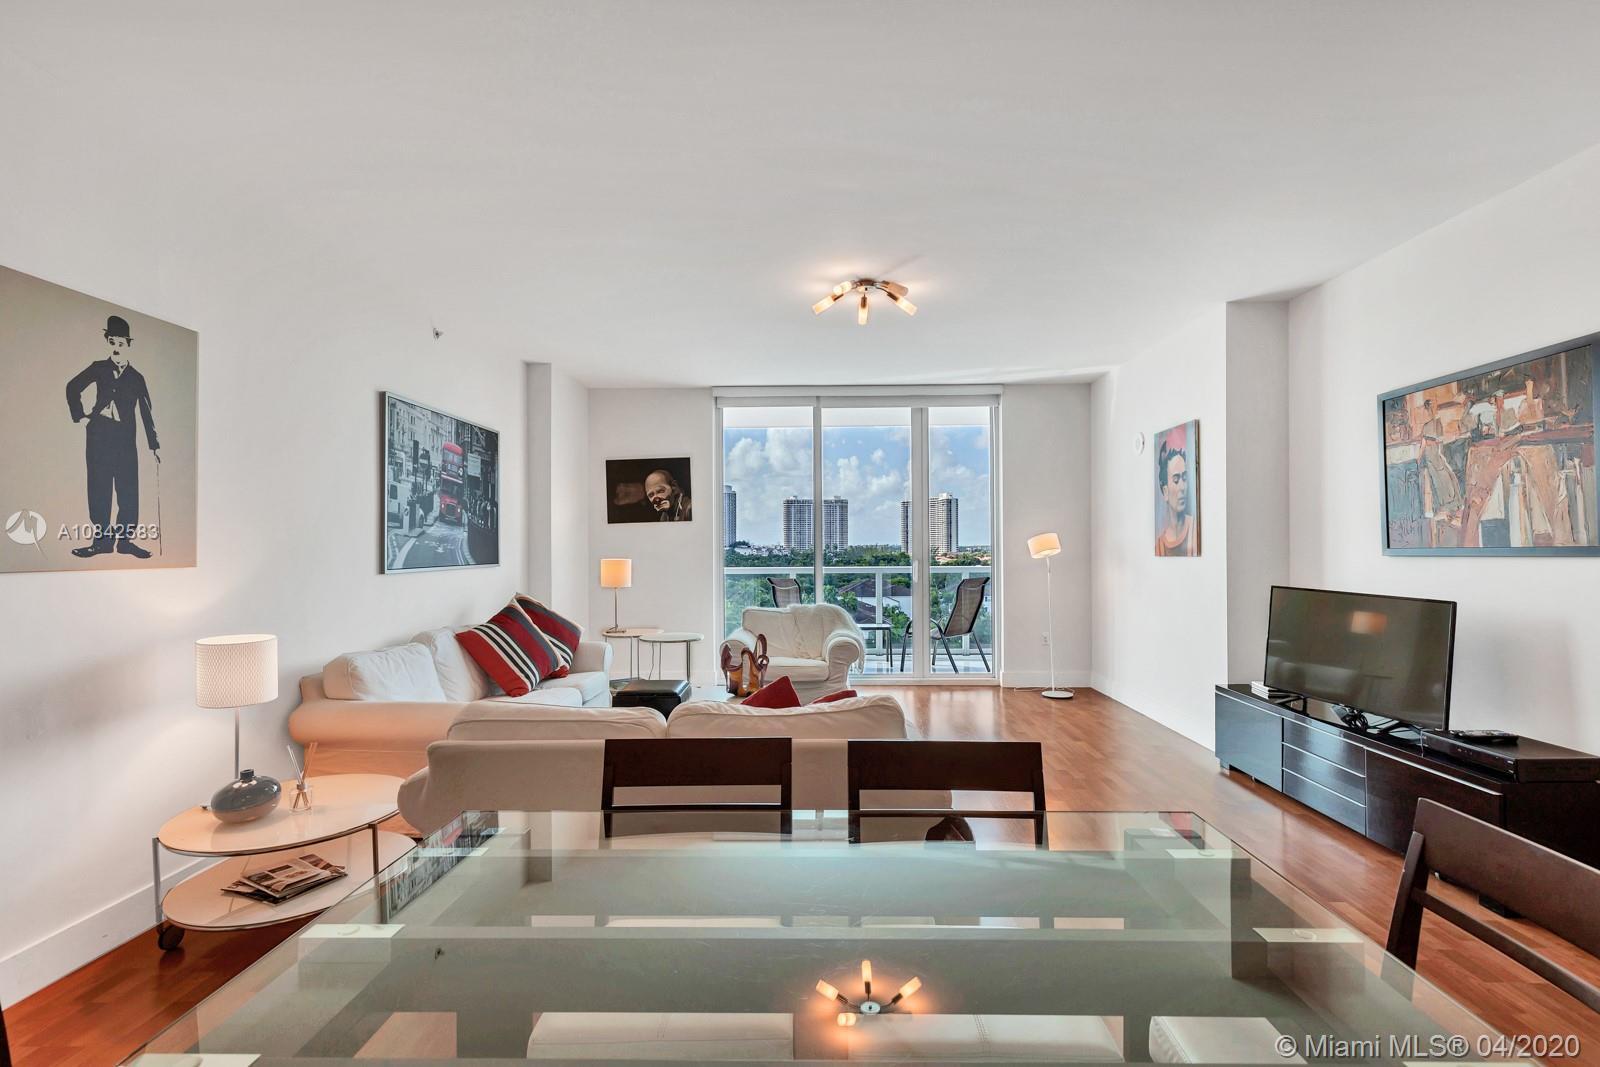 3030 NE 188th St #609, Aventura, FL 33180 - Aventura, FL real estate listing